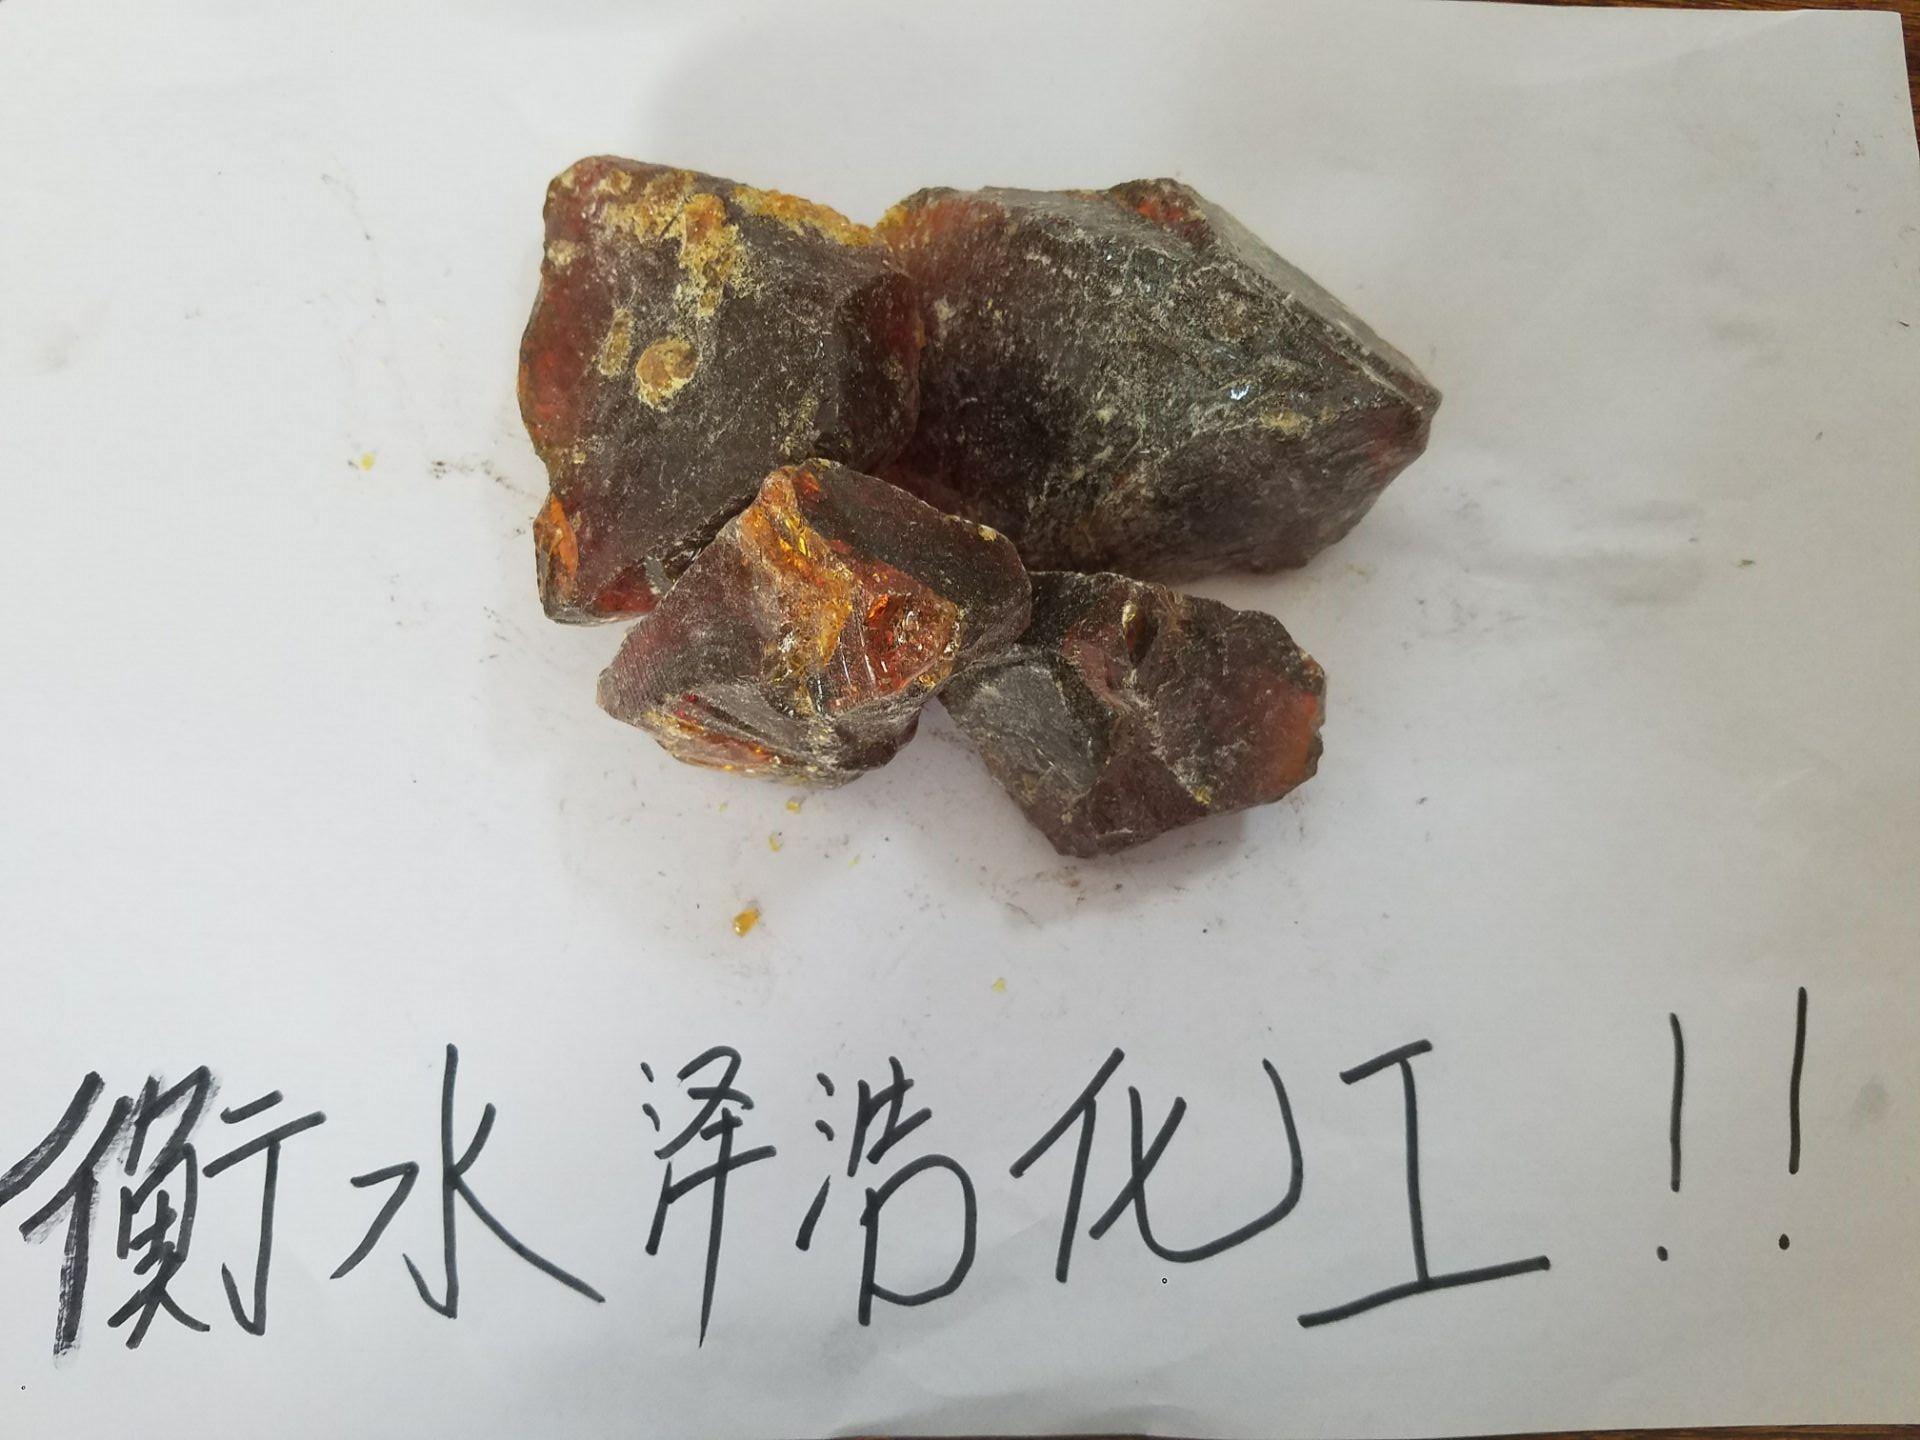 泽浩供应14号古马隆树脂(块状固体)图片